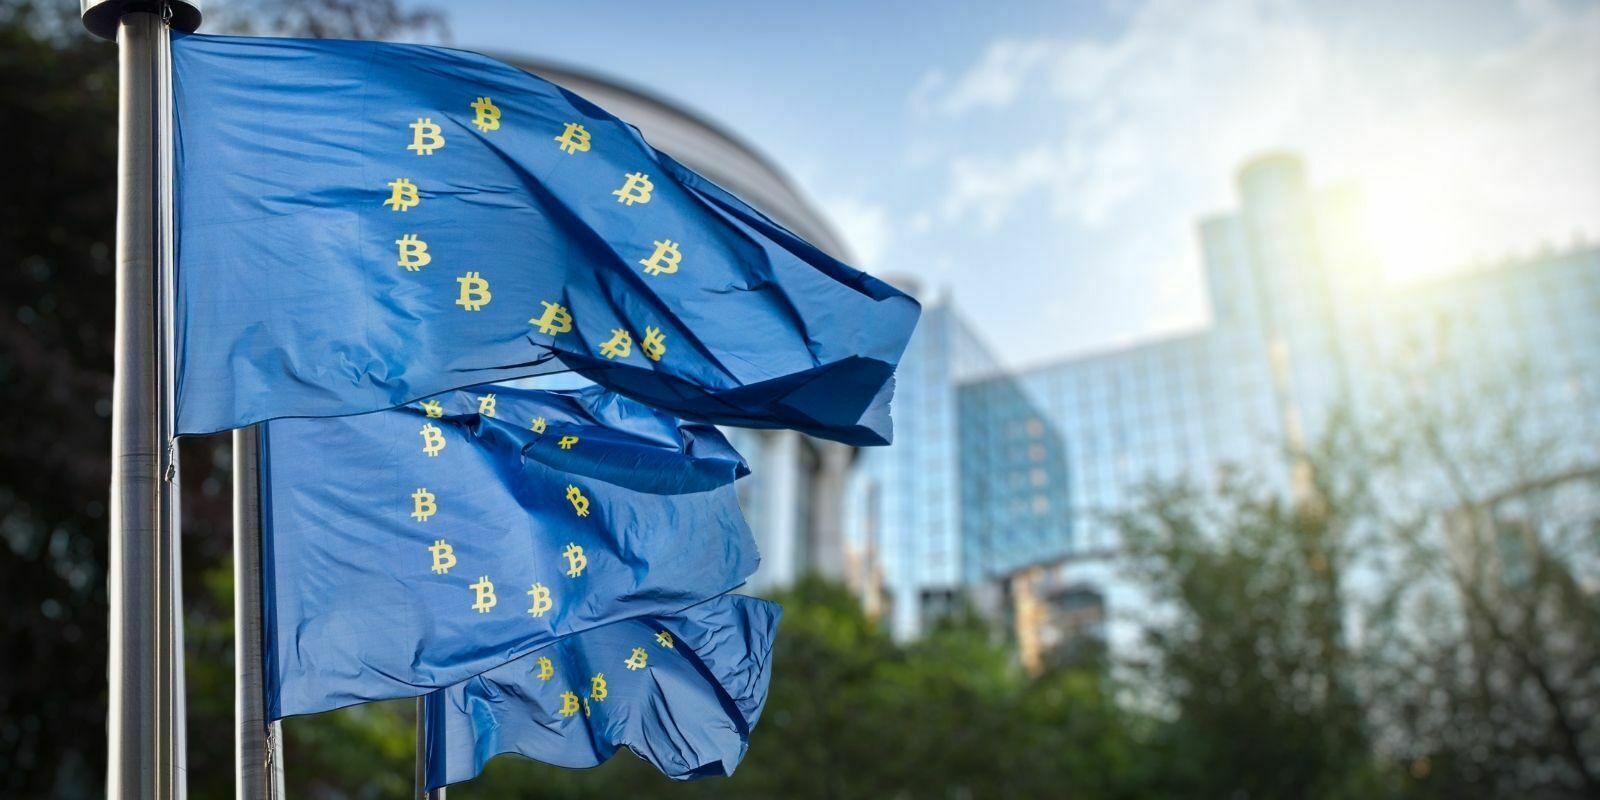 La Commission européenne publie un « package digital » posant un cadre législatif pour les crypto-actifs